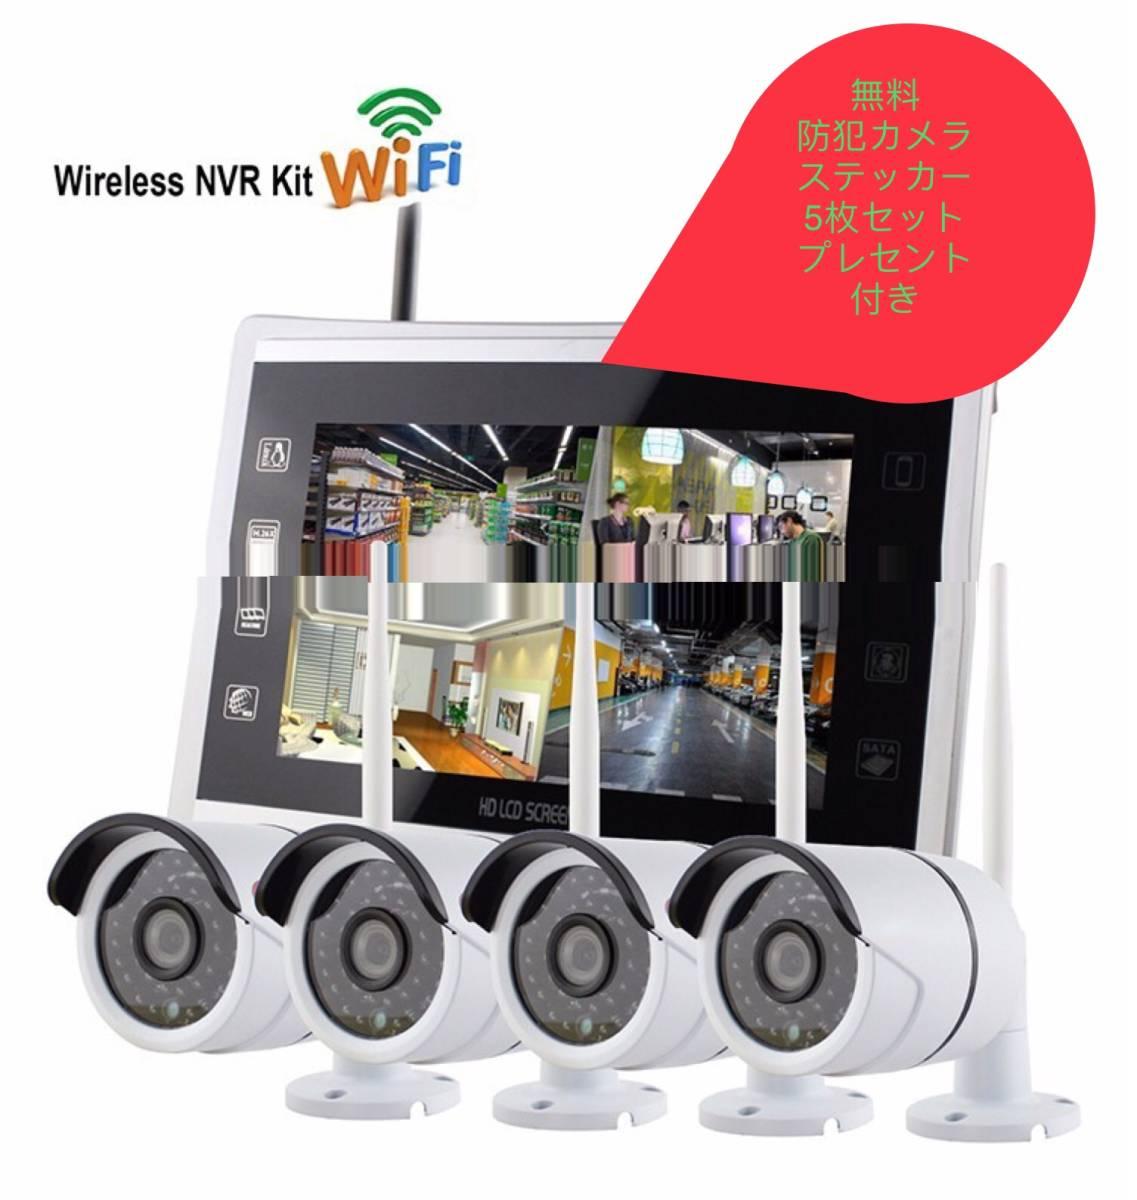 1080P 12インチモニター付きワイアレス4台セットカメラ1TBハードディスク付きWi-Fi NVR防犯カメラプラグアンドプレイ方式